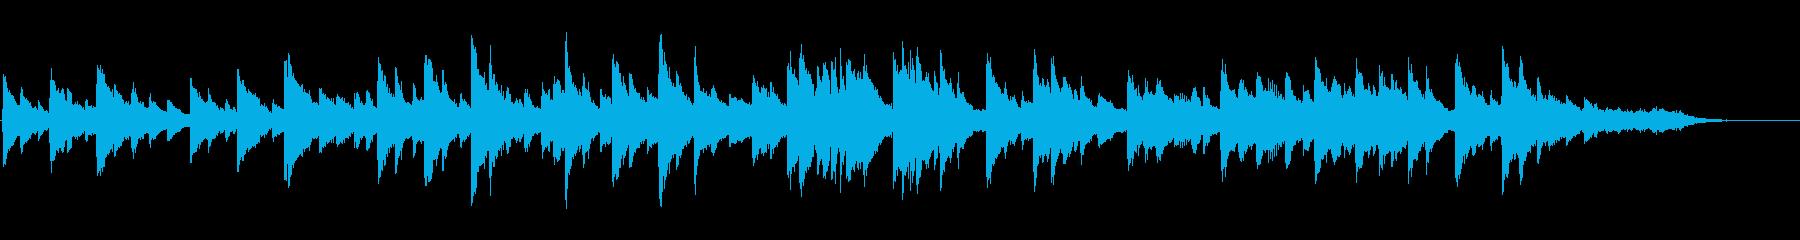 切ない ヒーリング ピアノソロの再生済みの波形